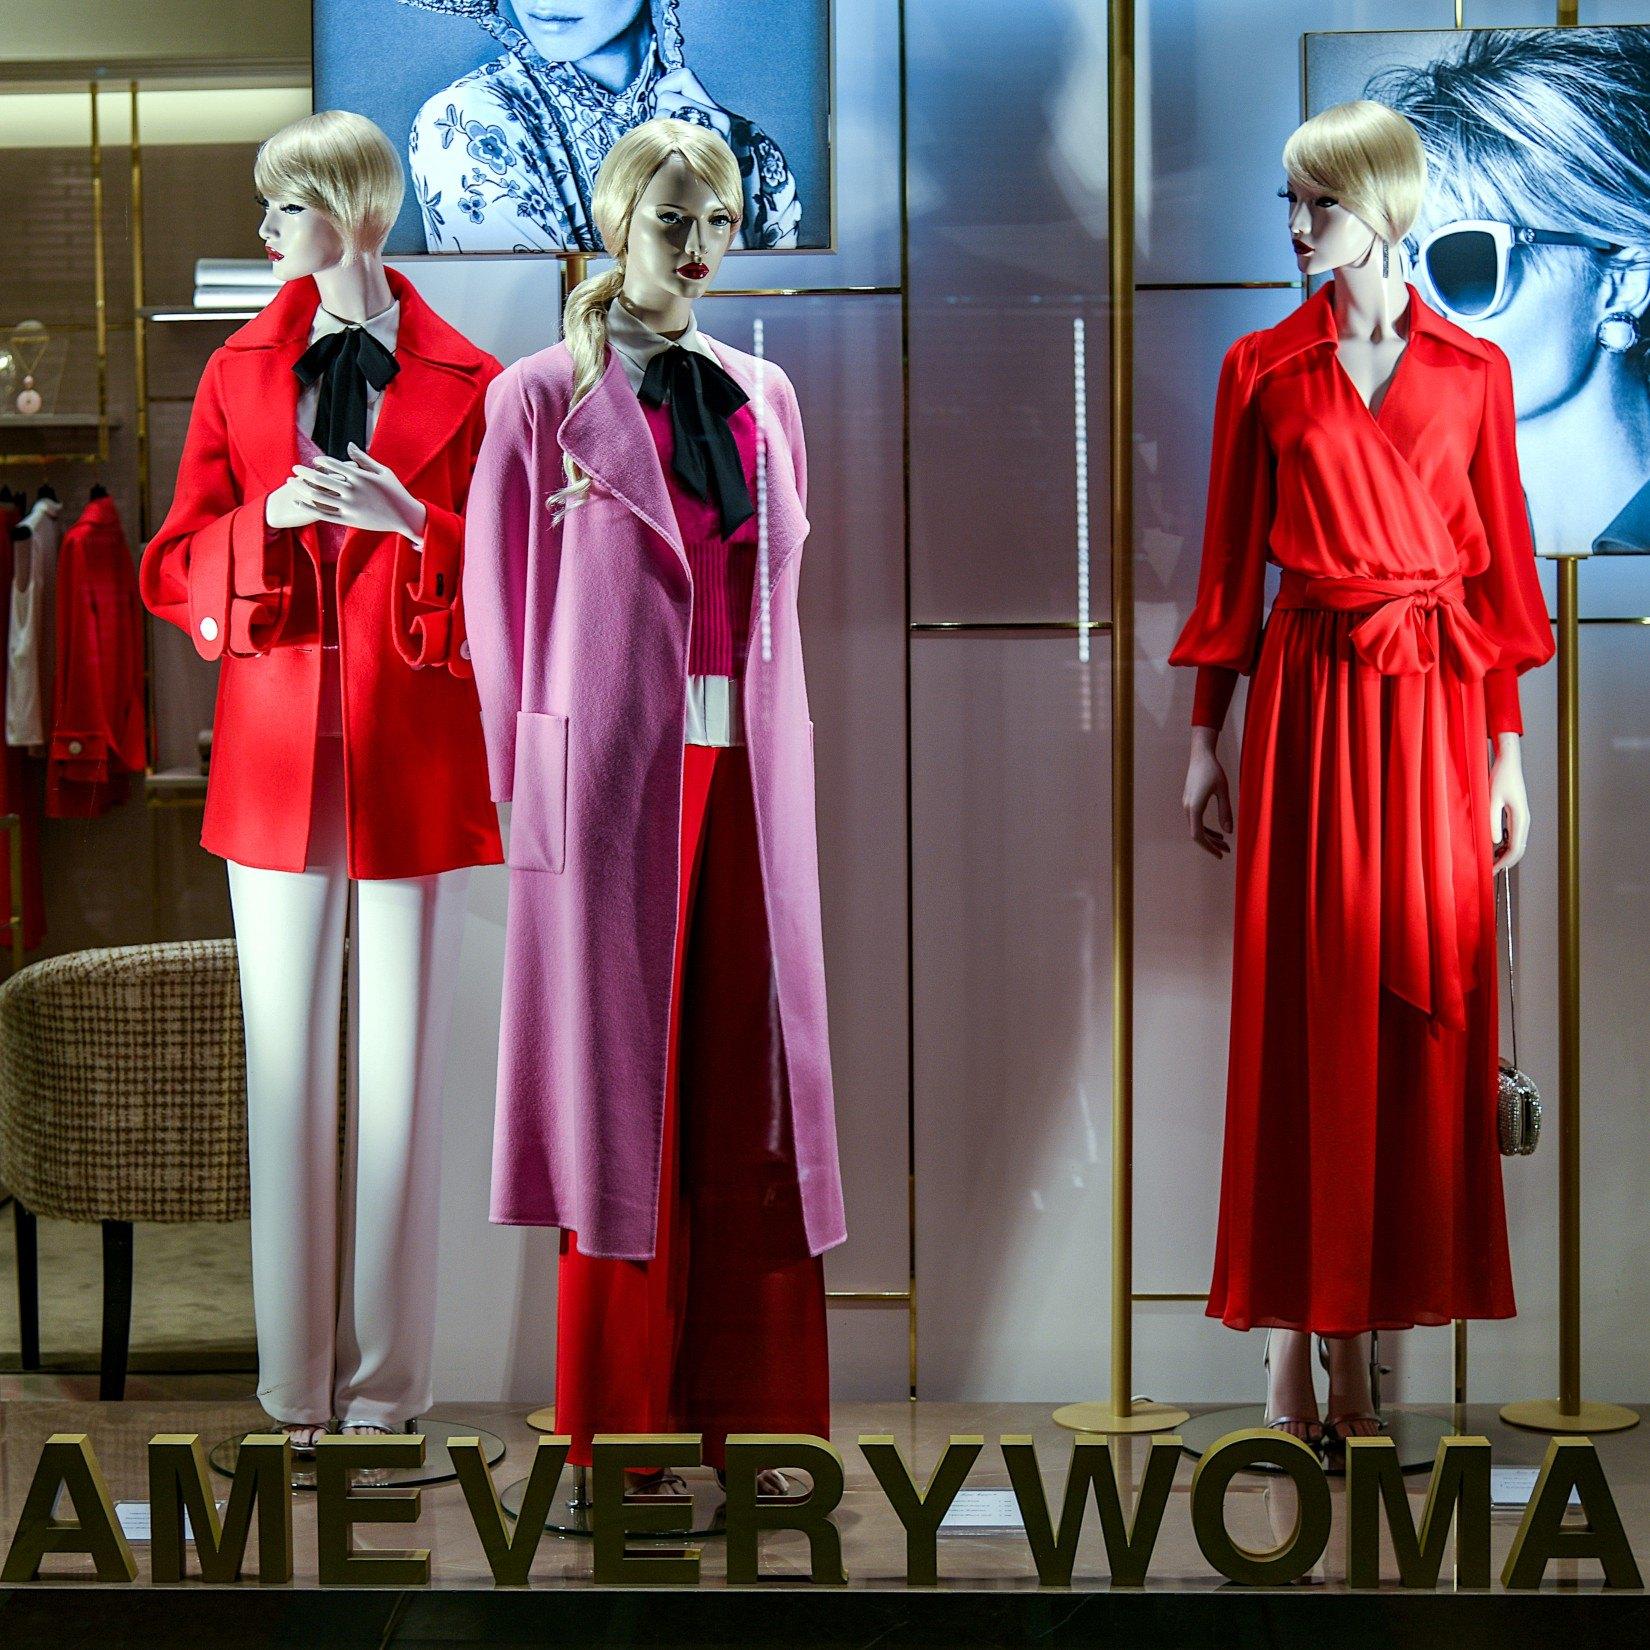 Rouge et violet en mode: vont-ils ensemble?